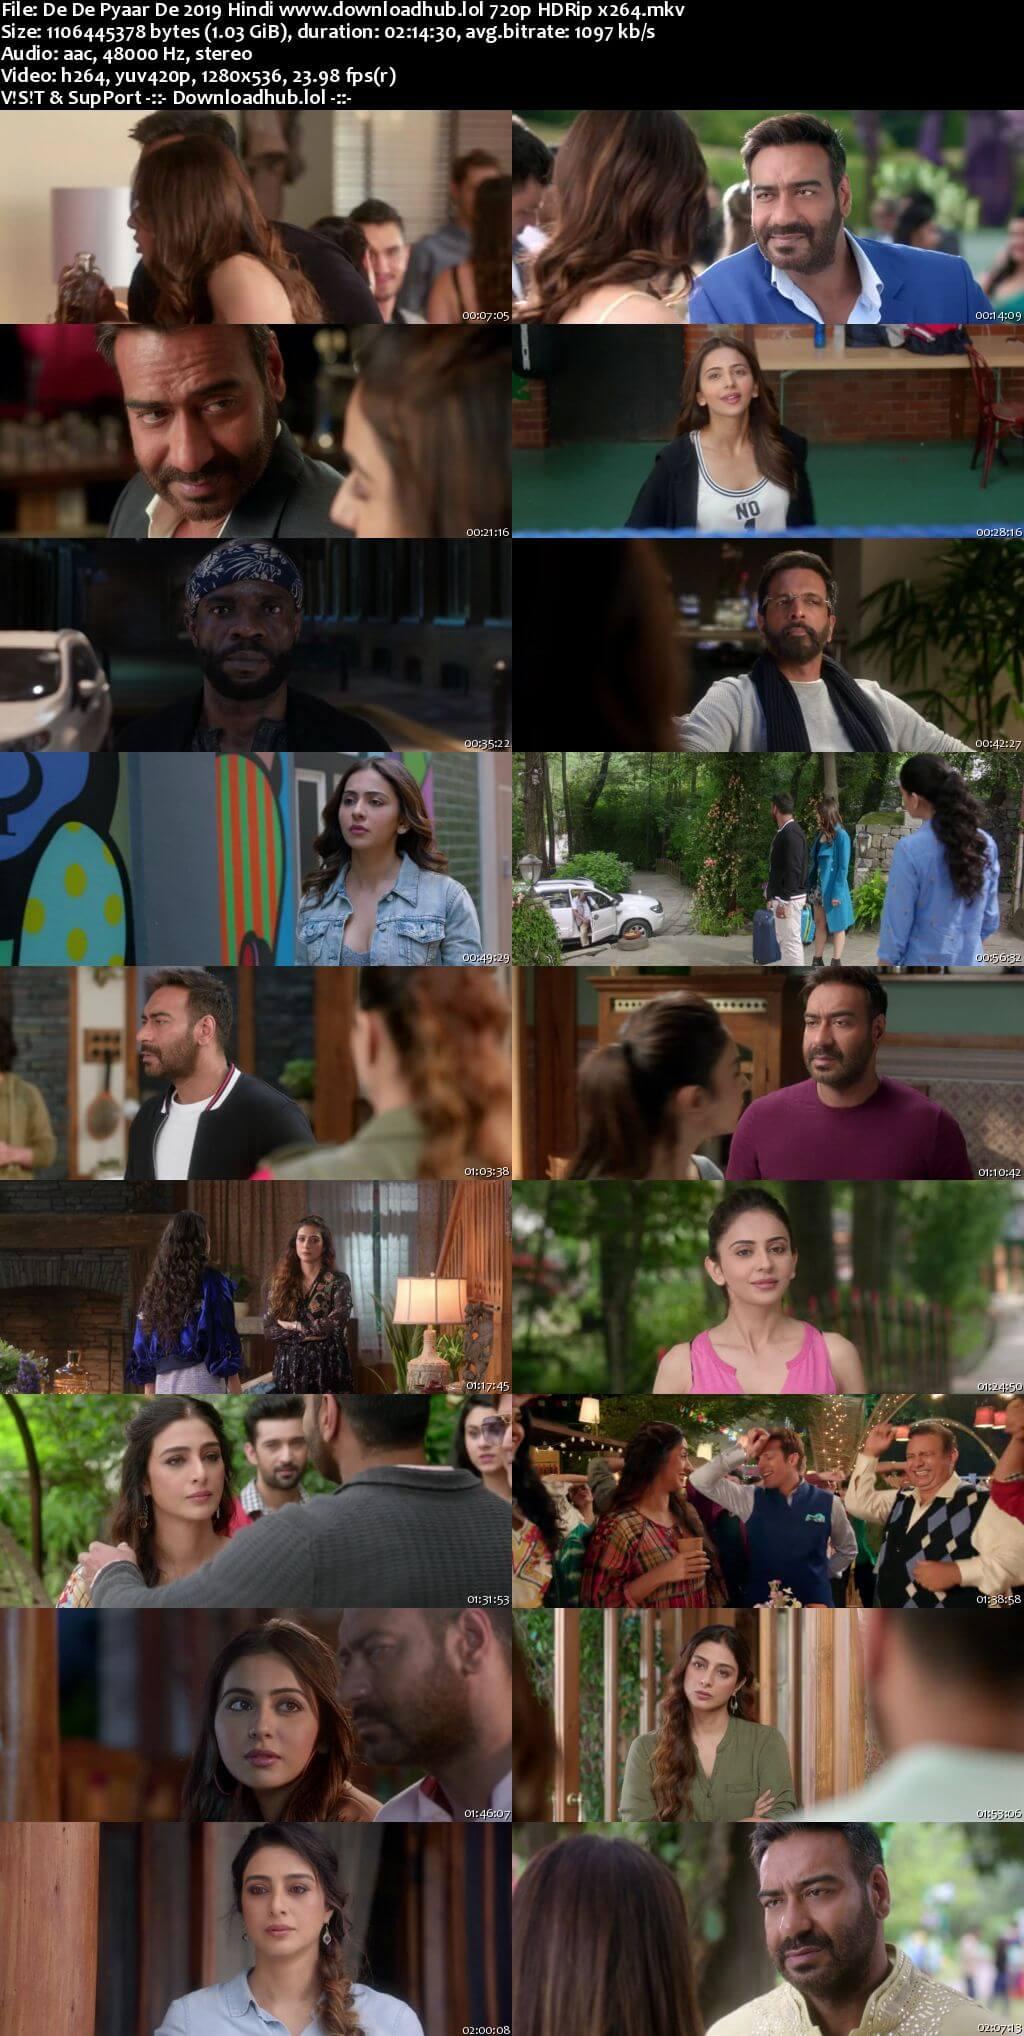 De De Pyaar De 2019 Hindi 720p HDRip x264